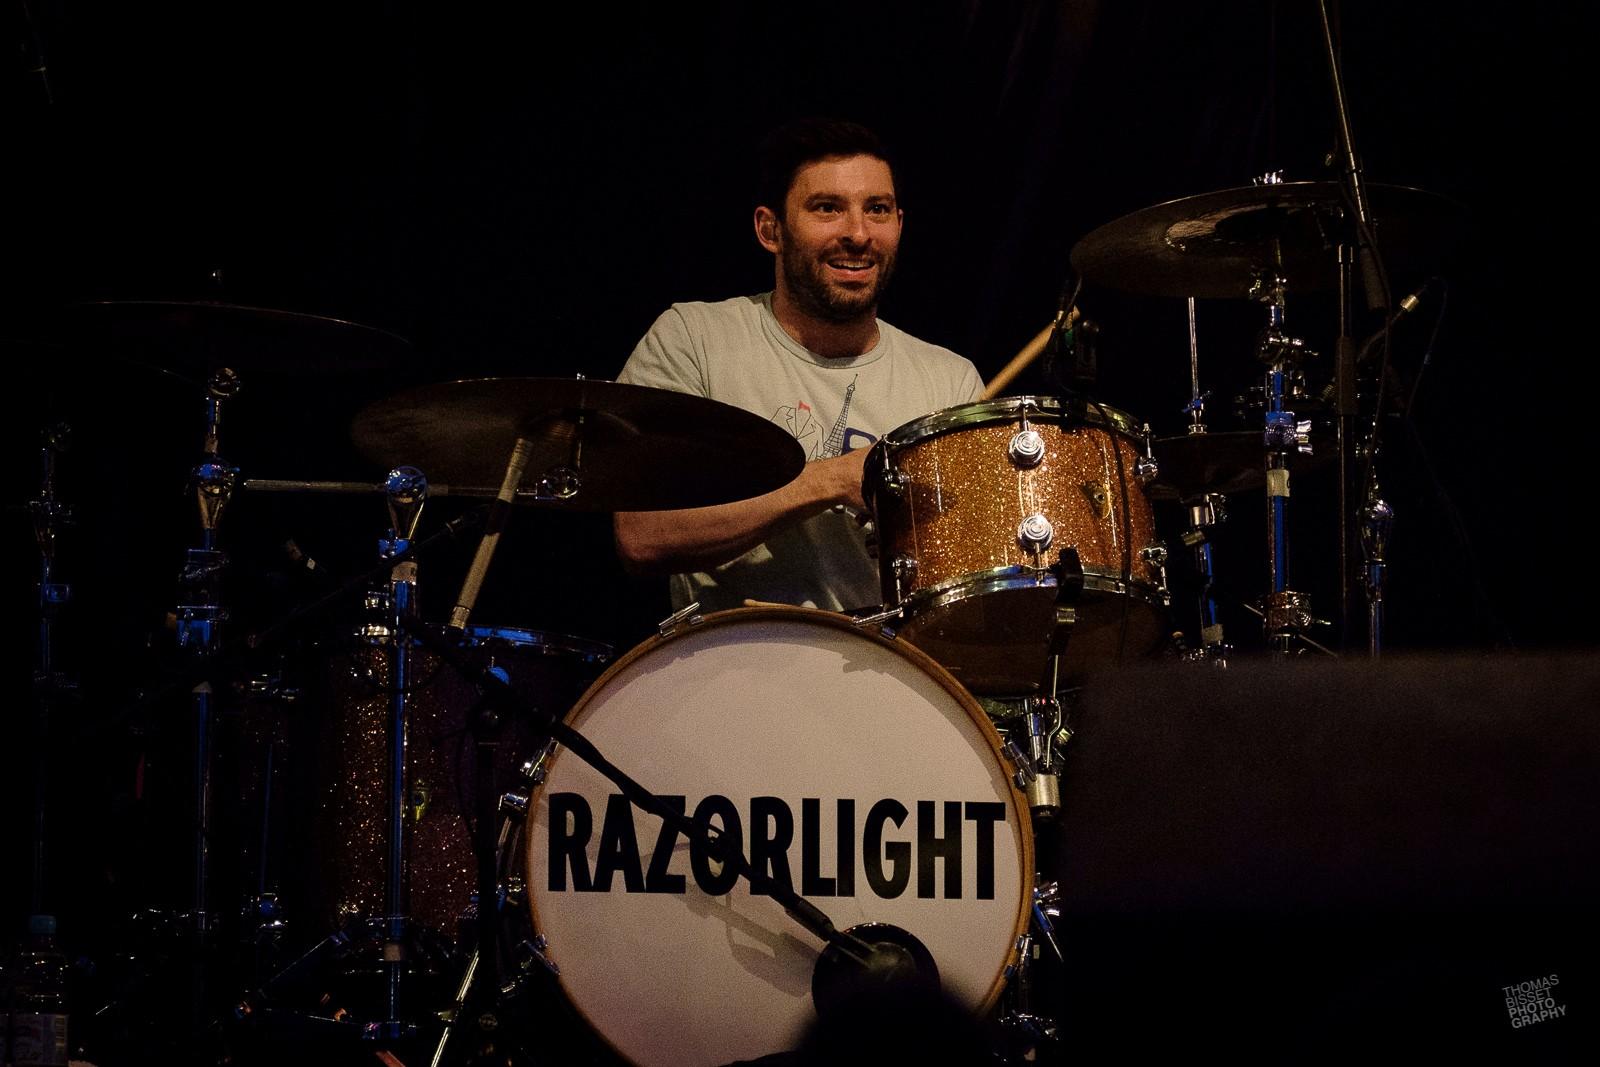 TBP Razorlight at Belladrum 2014 25 - Up For It